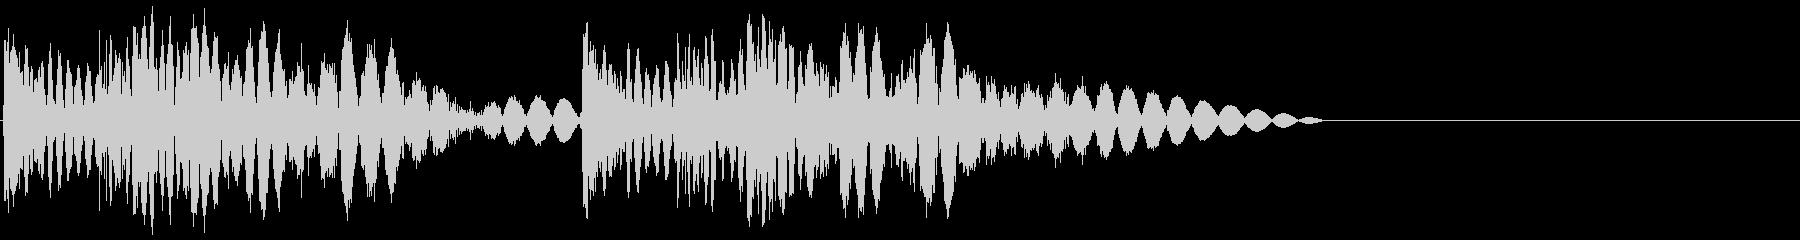 ビシッビシッ(2連続・パンチ・キック)の未再生の波形